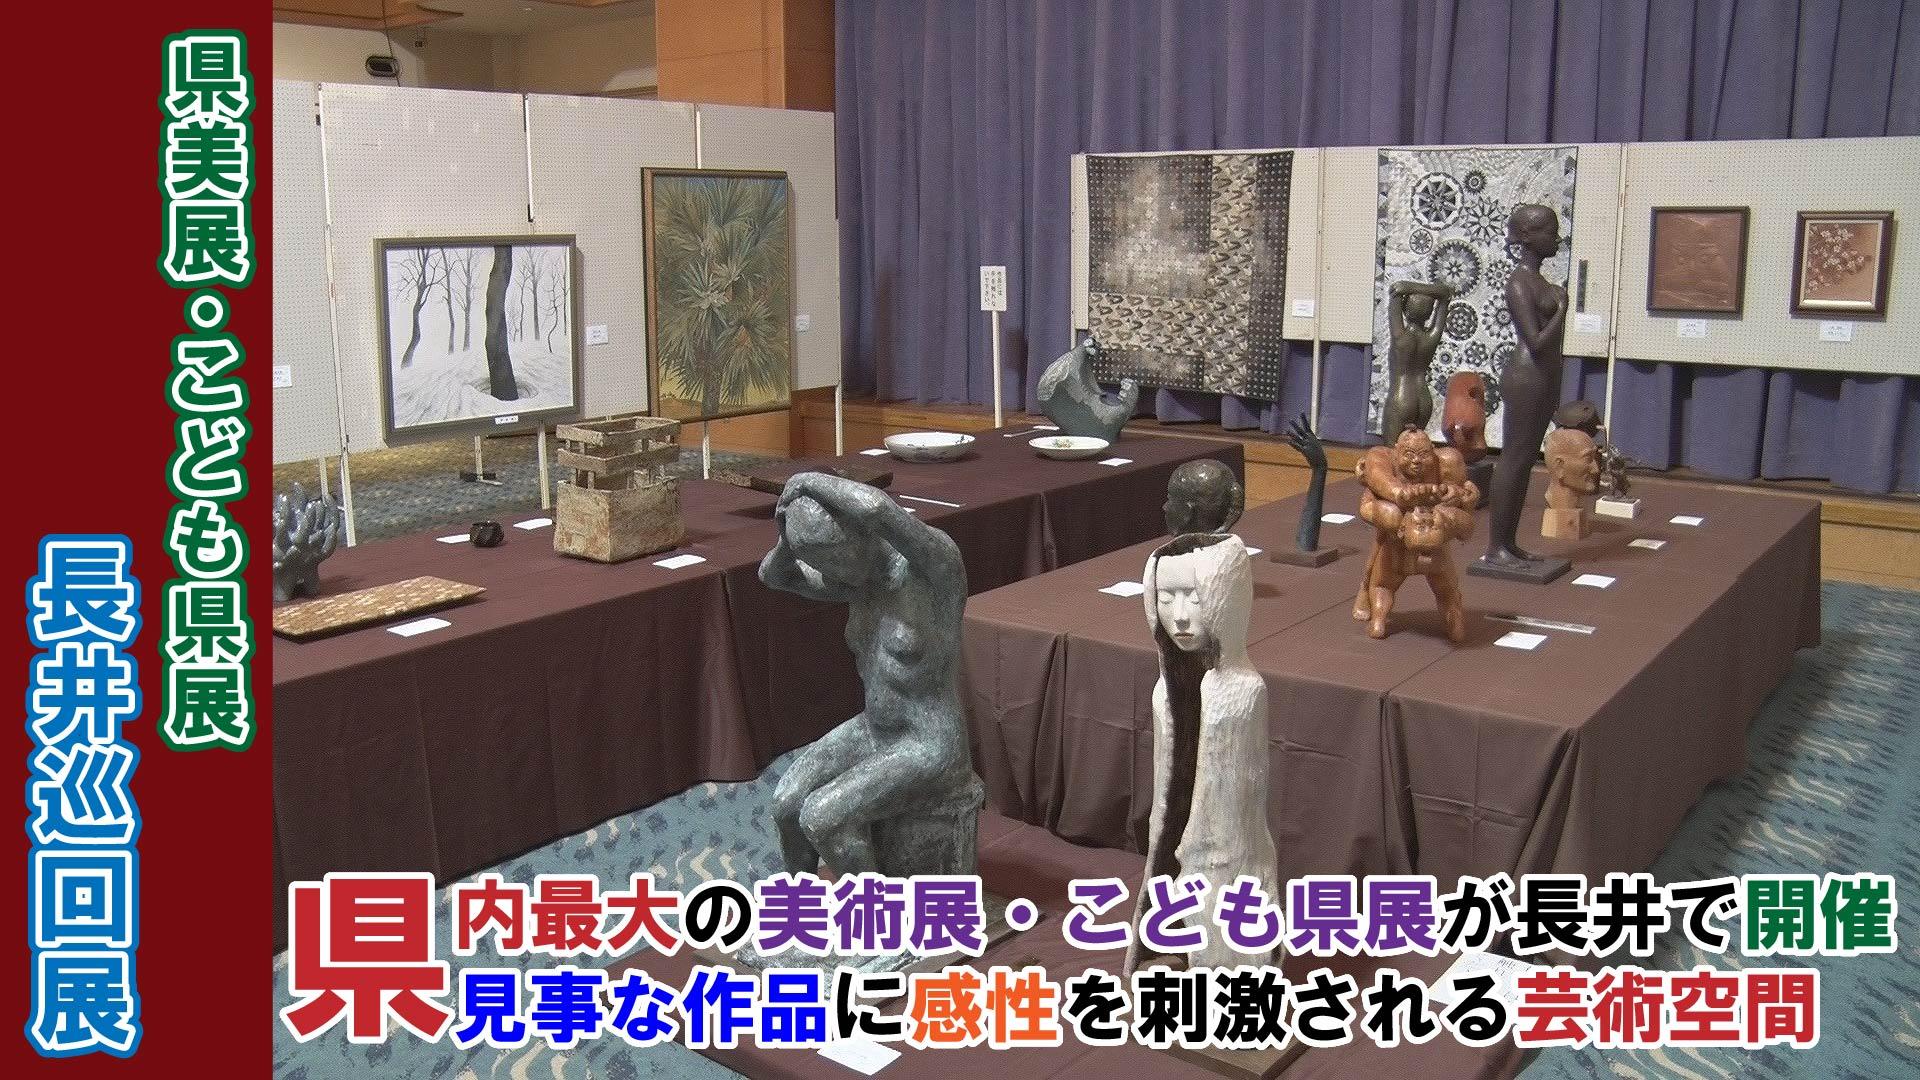 【長井市】第74回県美展・第61回こども県展 長井巡回展 :画像